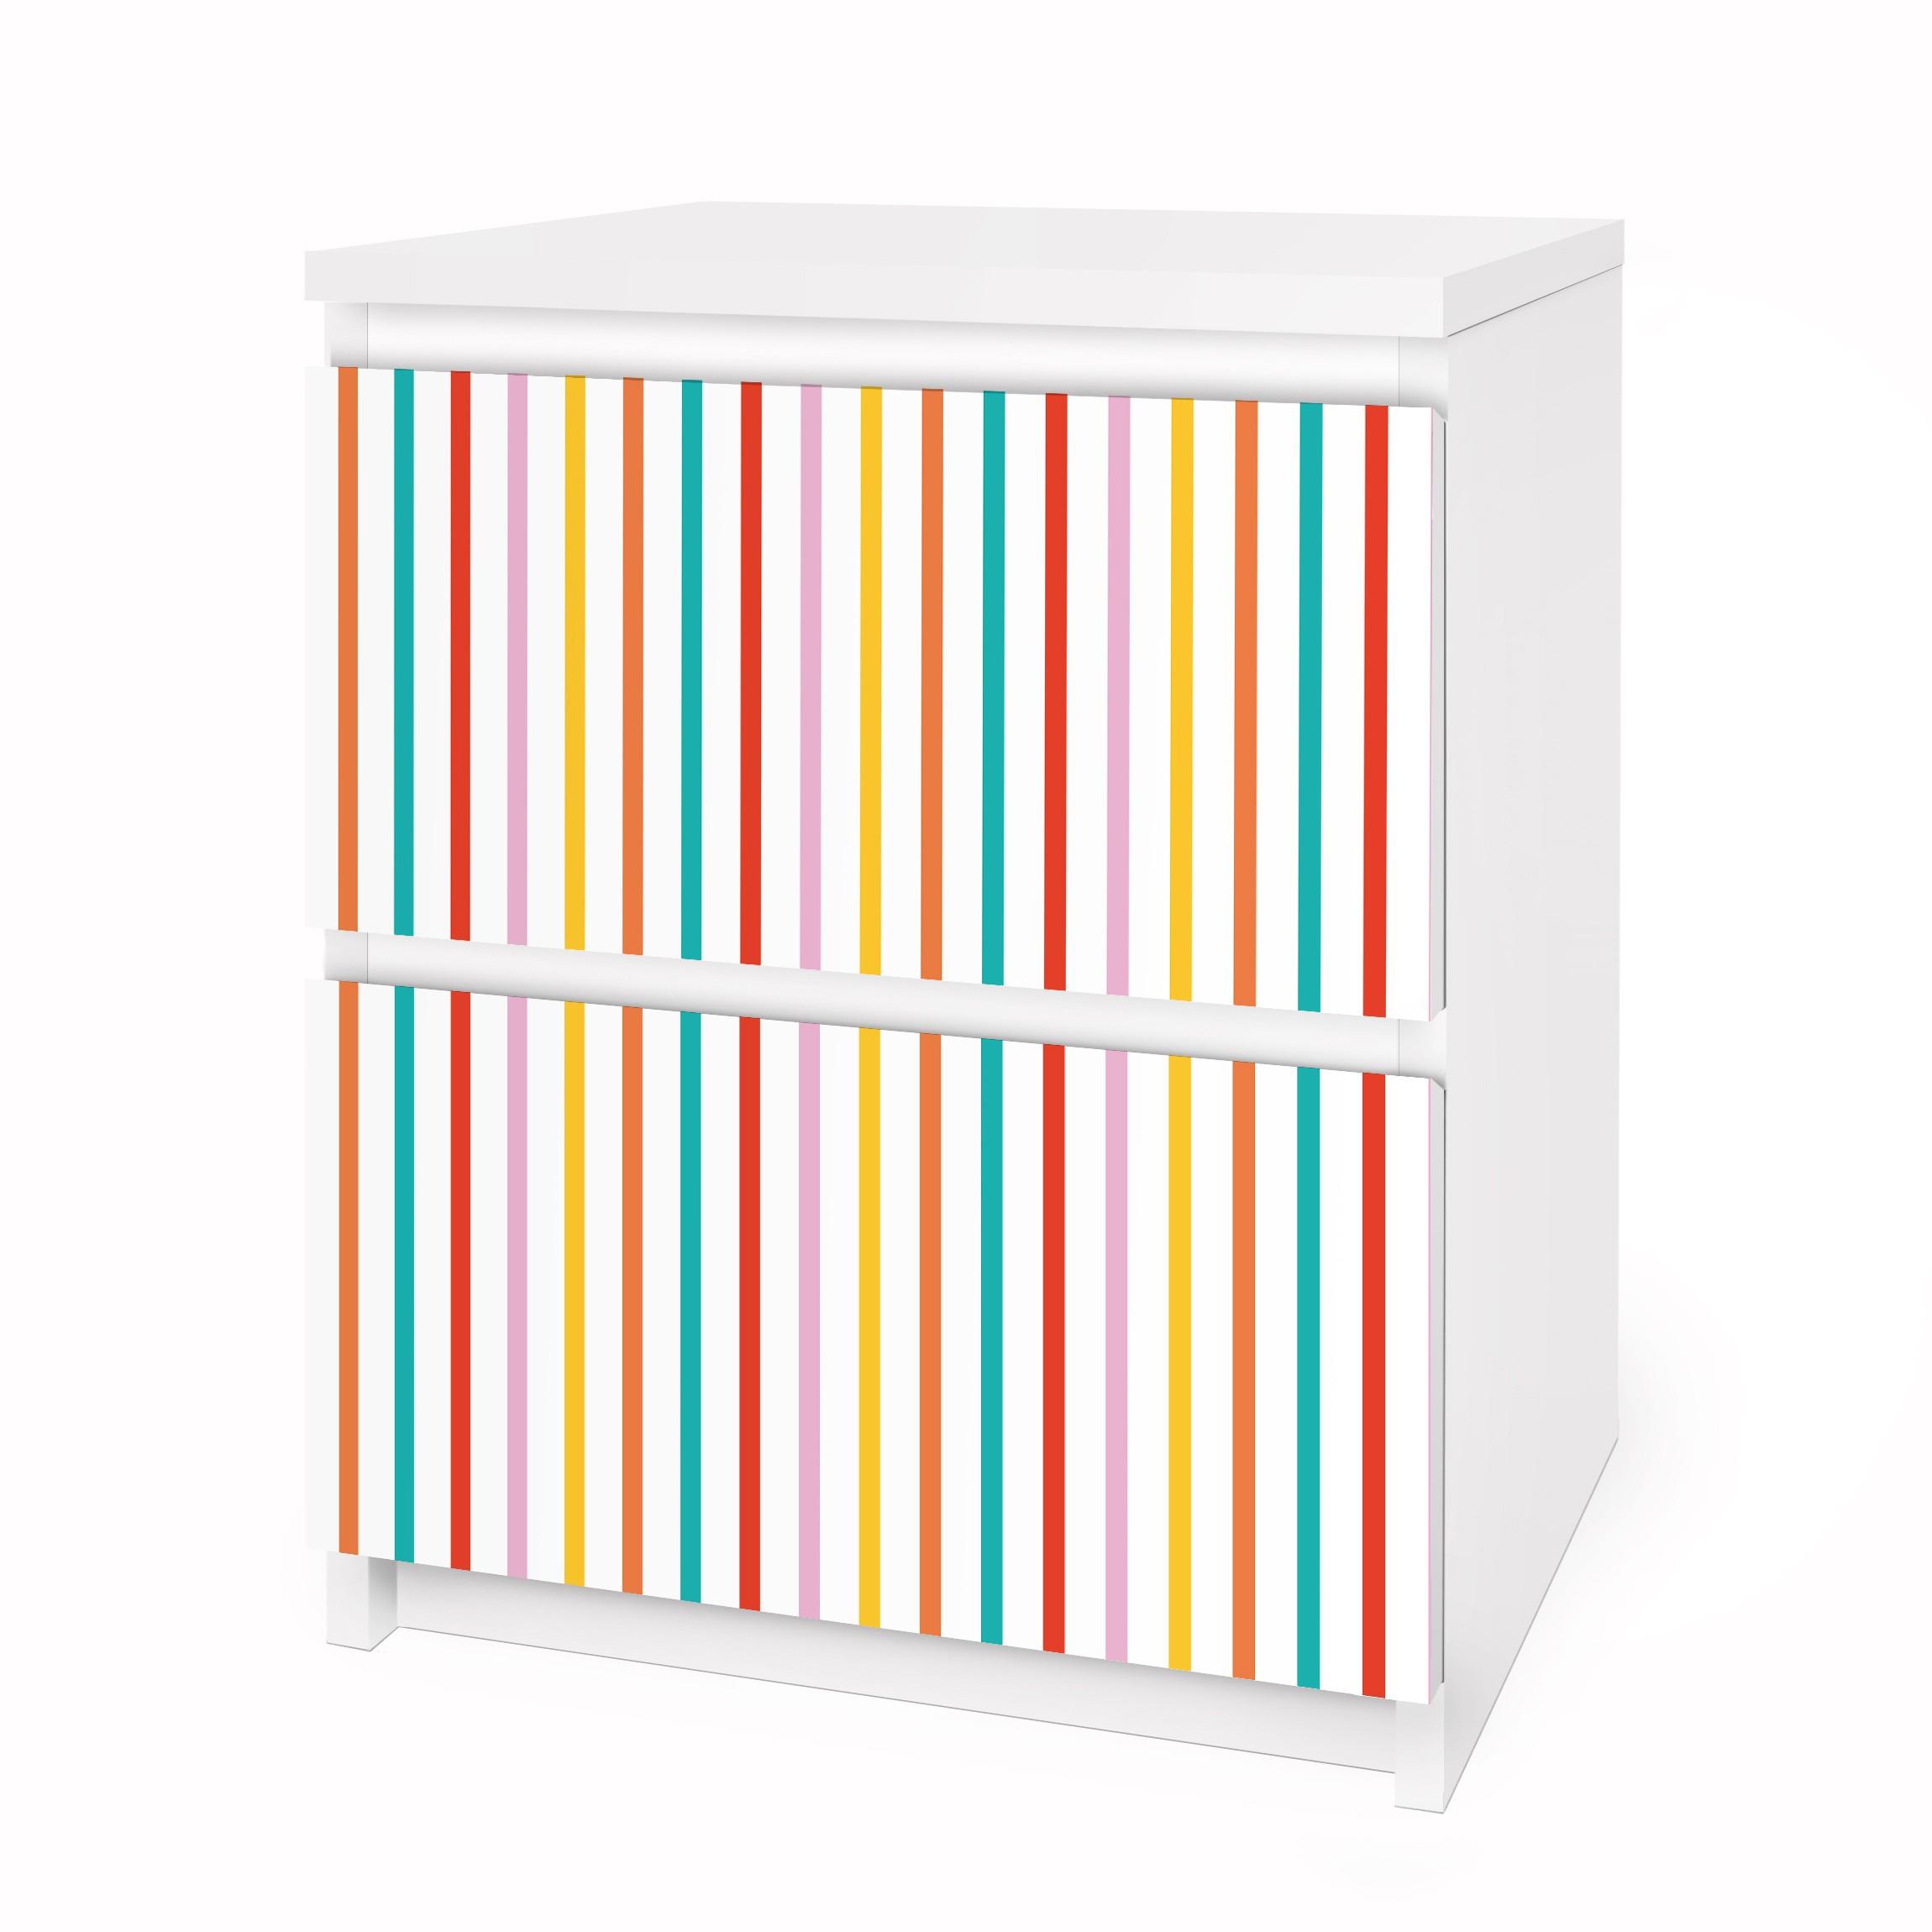 Carta adesiva per mobili ikea malm cassettiera 2xcassetti no ul750 stripes - Pellicola adesiva per mobili ikea ...